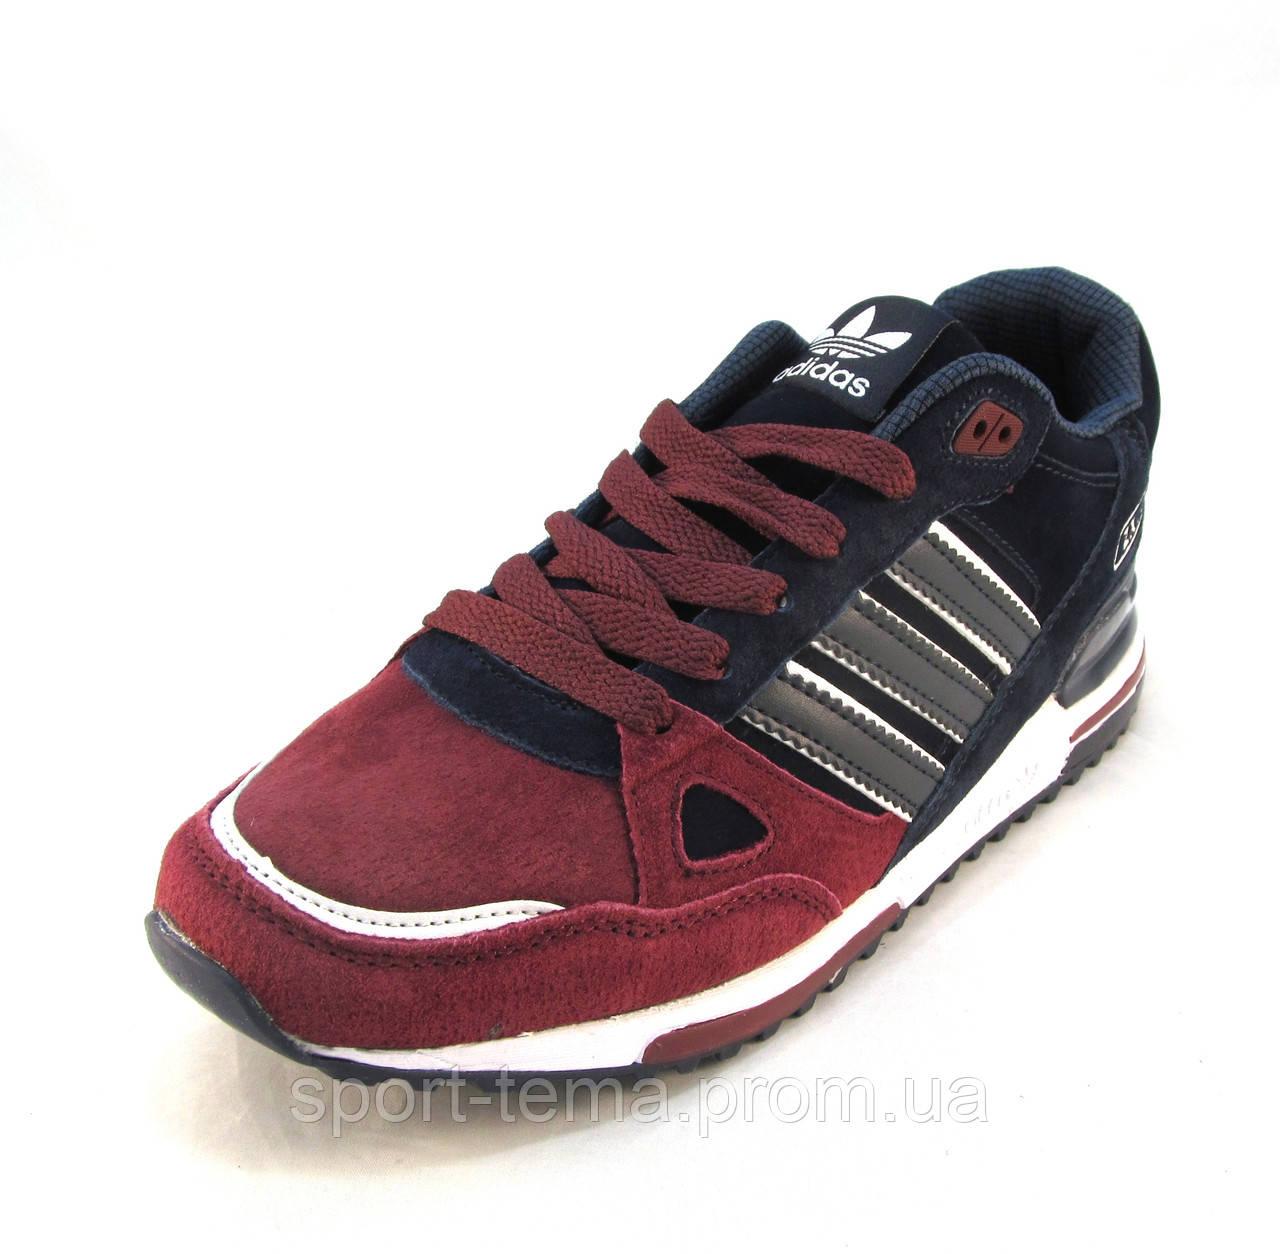 f0ca84e2b4711 ... reduced adidas zx 750 .414243444546 f3dcd b3857